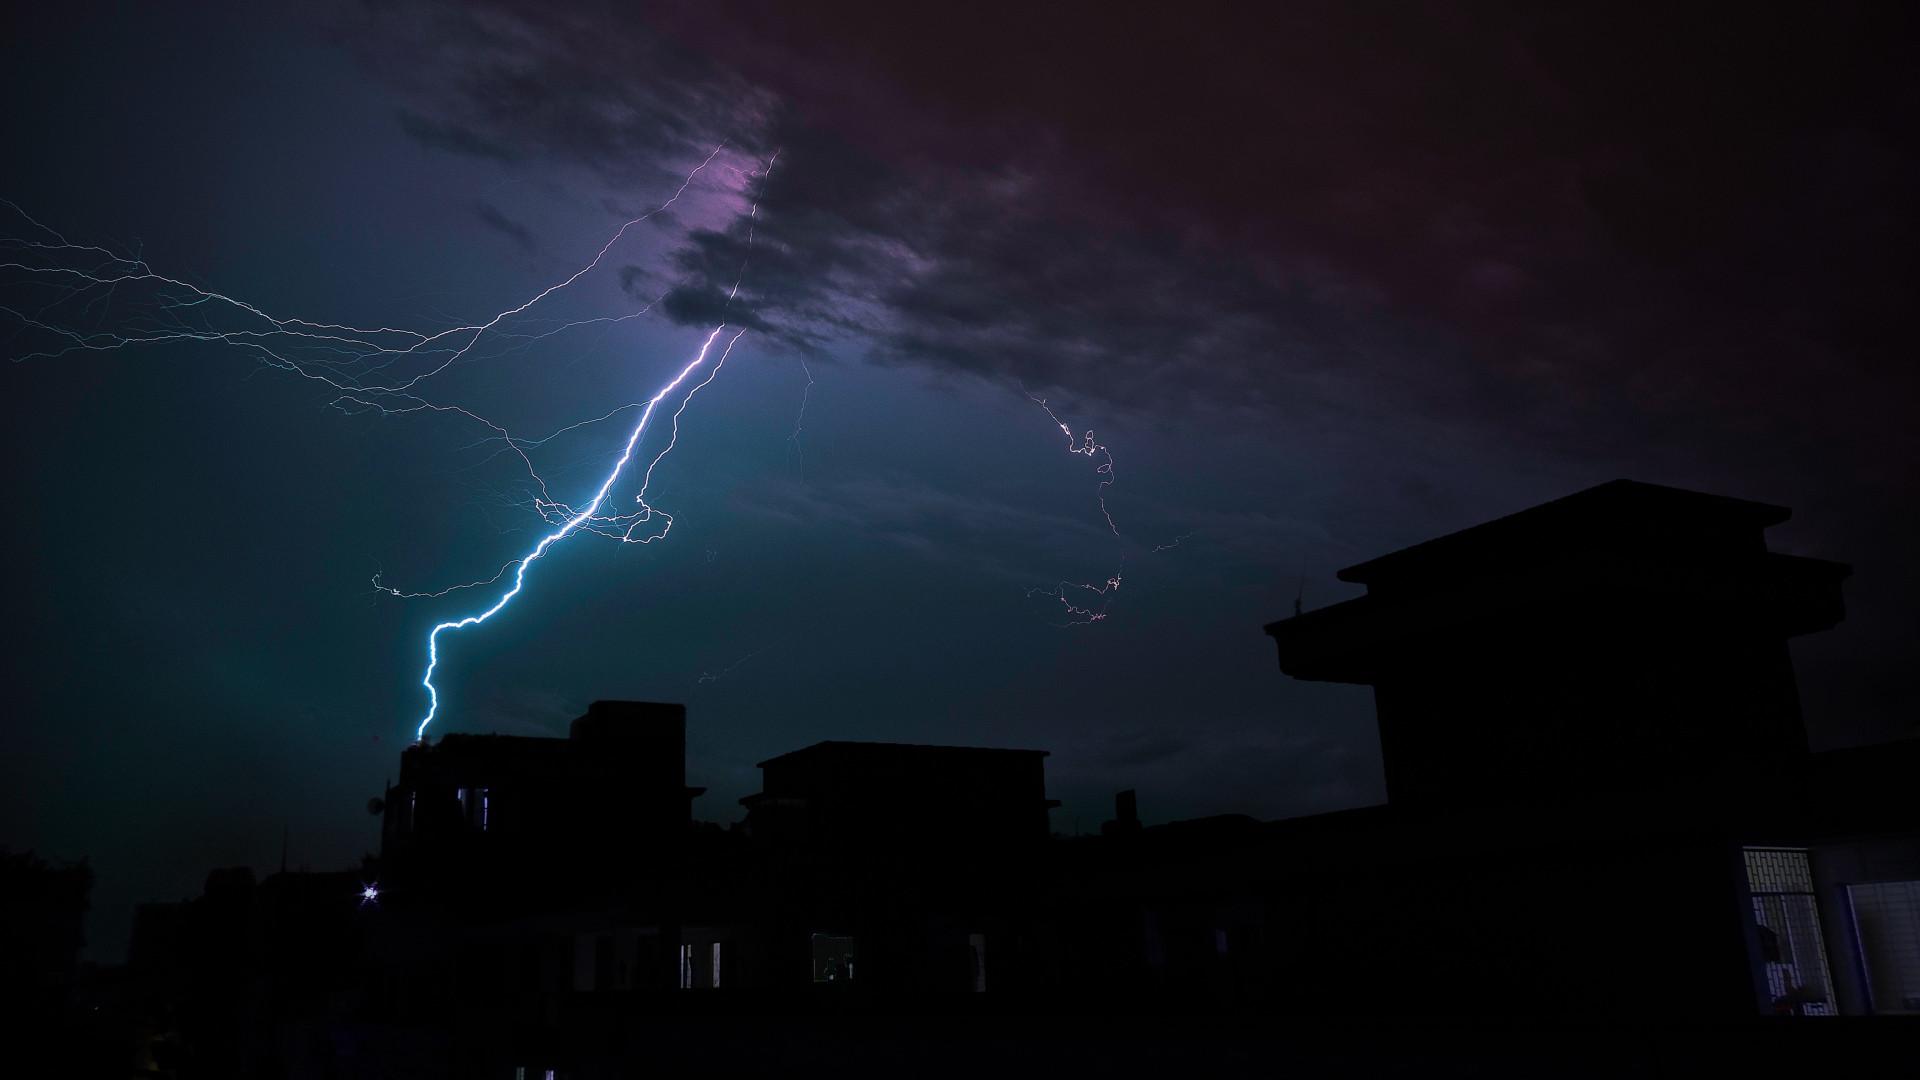 Thunderstorm desktop wallpaper wallpapertag - Lightning wallpaper 4k ...